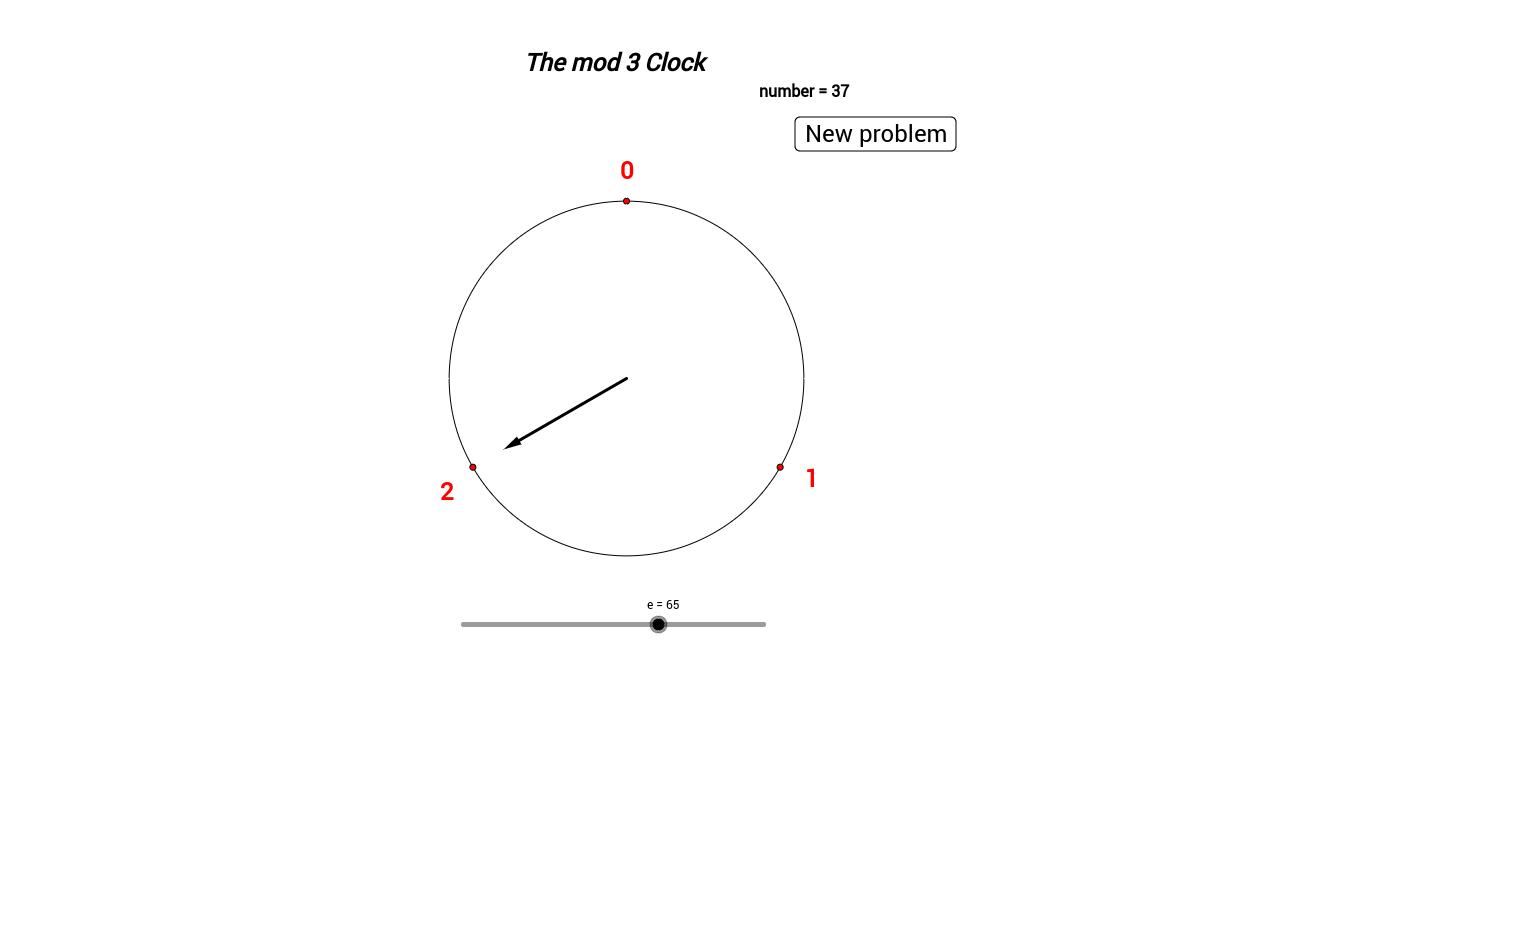 5.7 Mod3 Clock